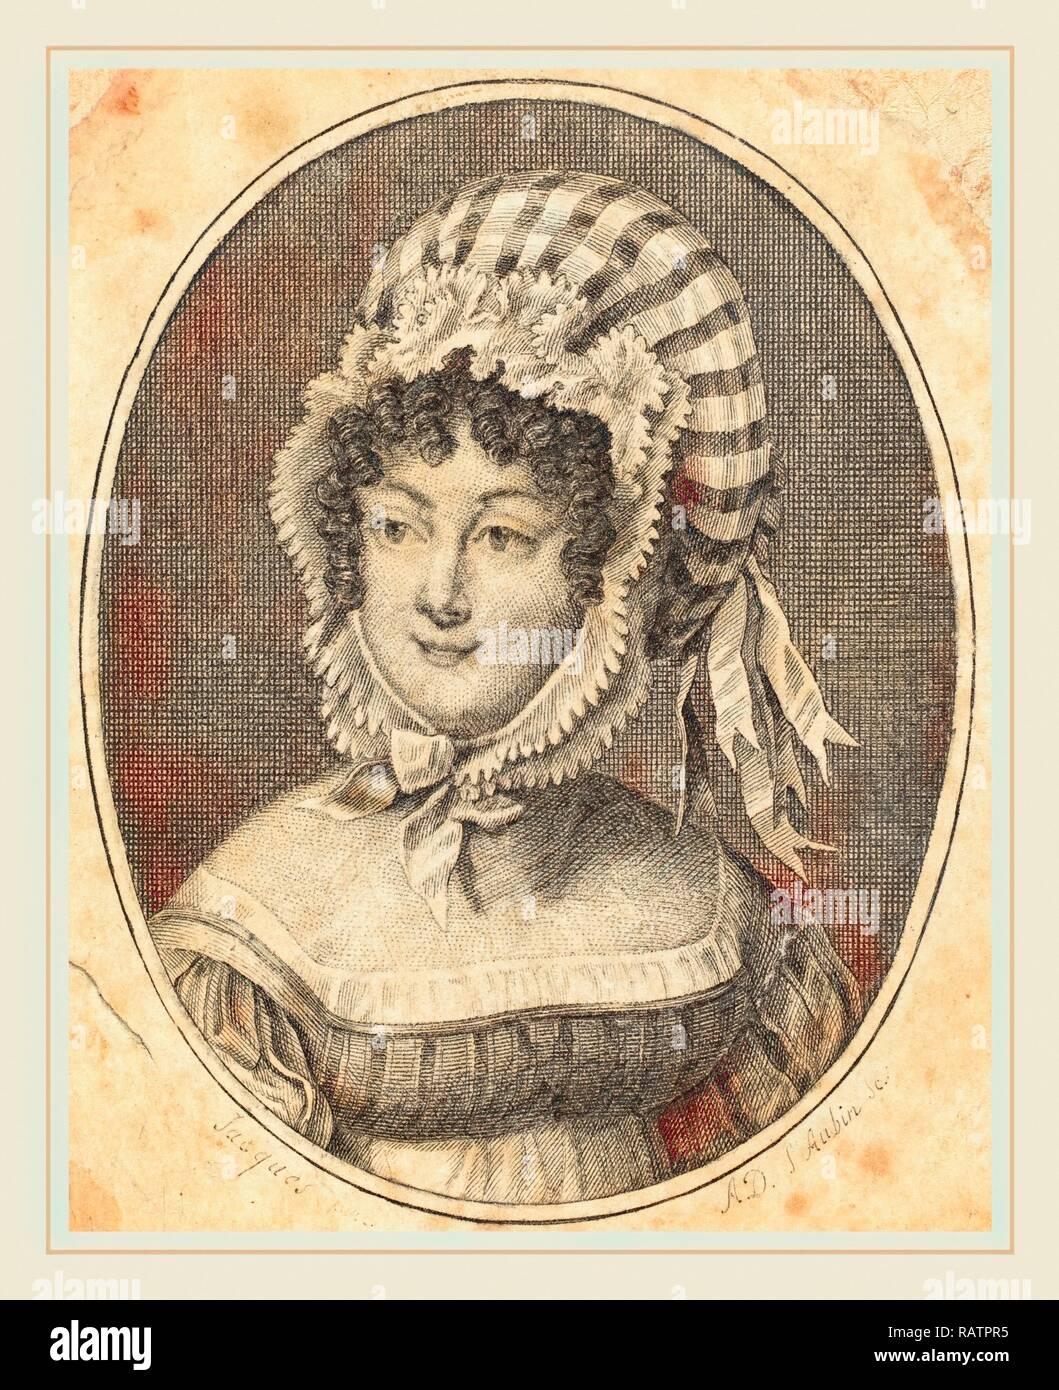 Augustin de Saint-Aubin, français (1736-1807), chef d'une femme portant un bonnet à rayures, la gravure. Repensé Banque D'Images